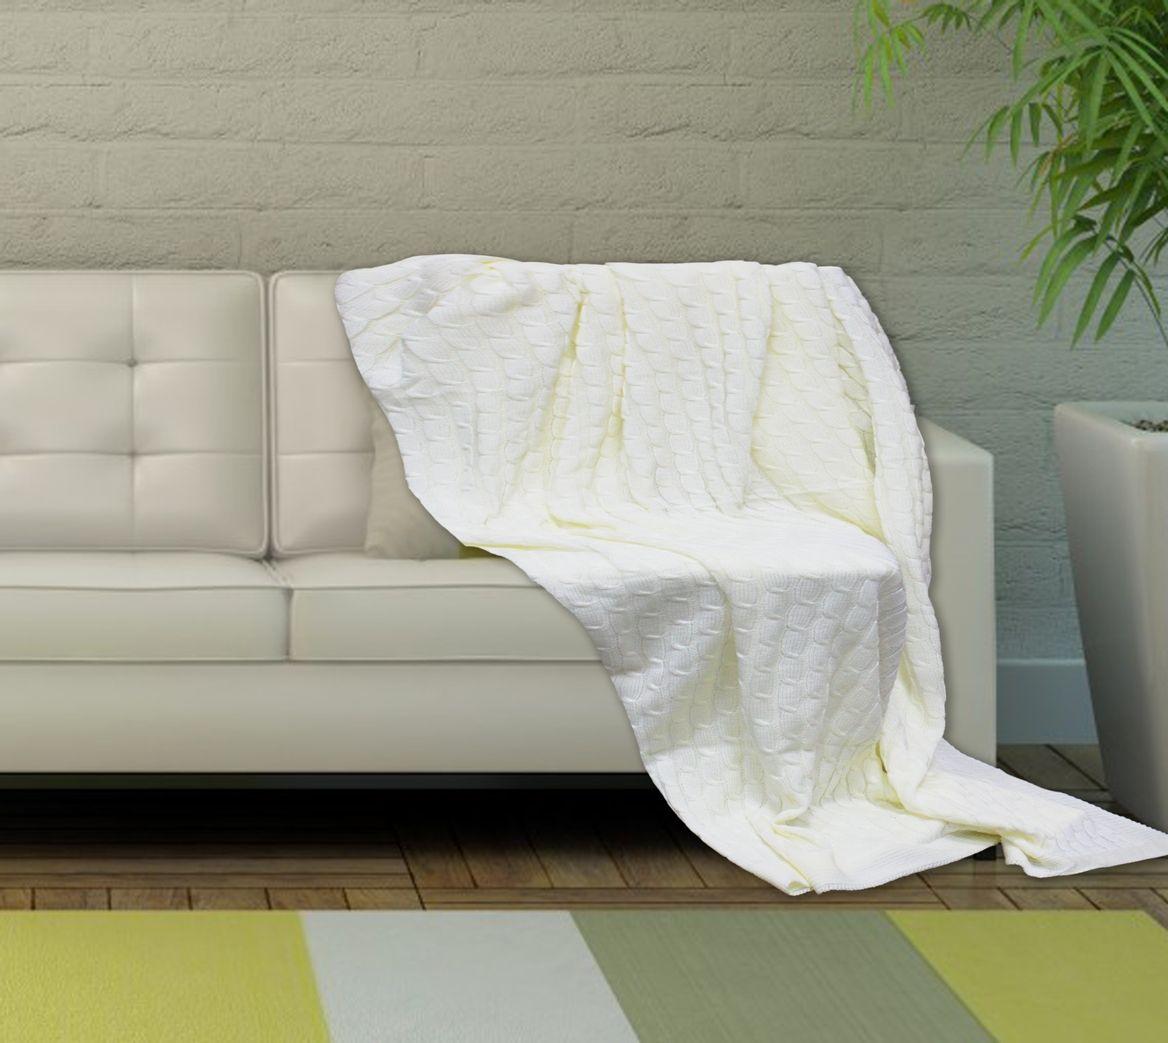 Плед Buenas Noches, цвет: молочный, 130 х 160 см. 7835978359Вязаные пледы Amore Mia - отличный подарок себе и близким. Легкие, можно взять в дорогу, либо укрыть малыша. Оригинальная вязка, классические цвета.